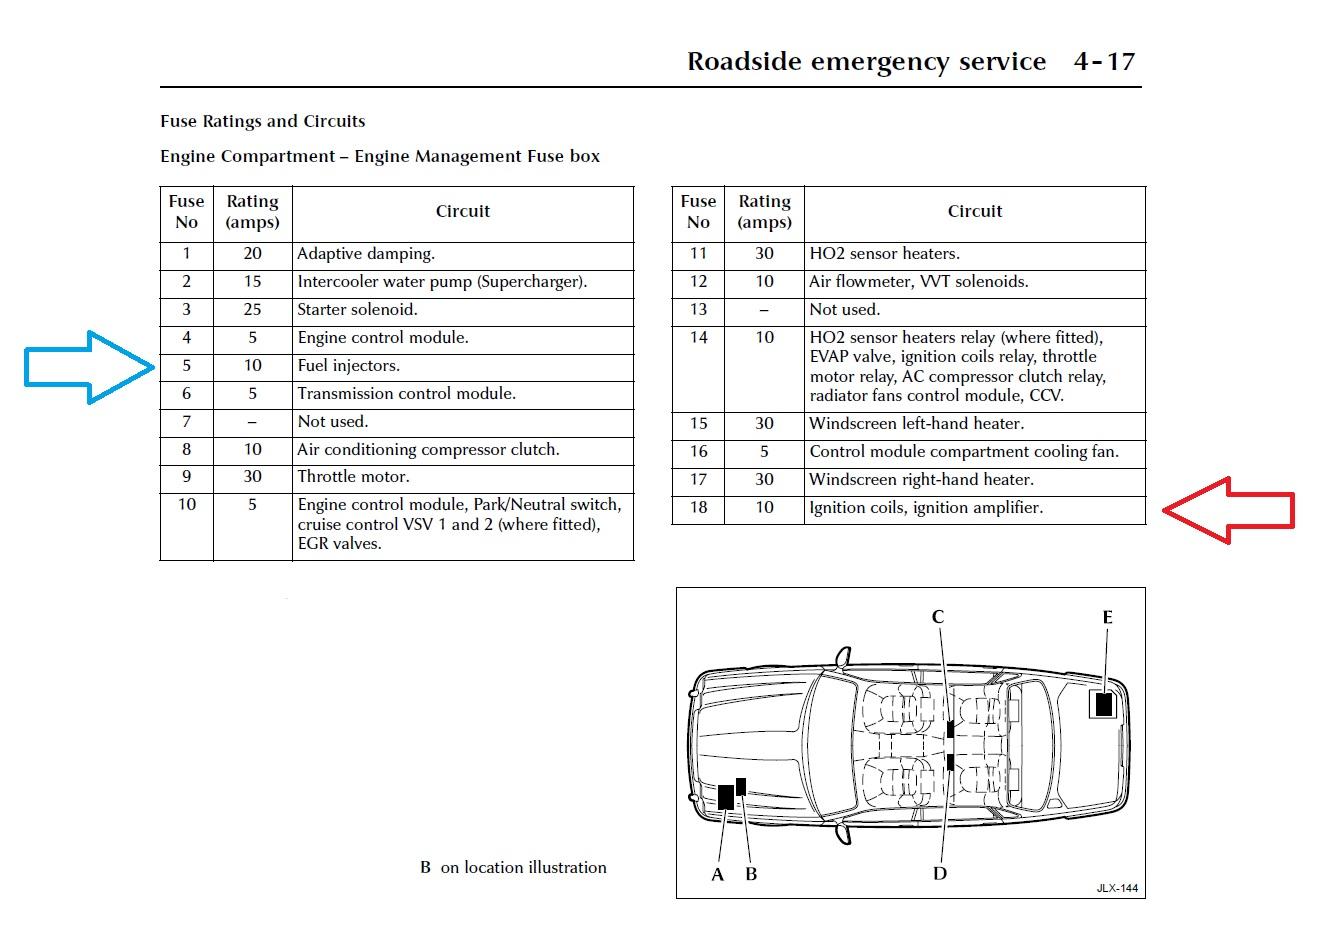 2001 jaguar s type wiring diagram 2002 chevy 1500 radio xj8 fuse box 2003 vanden plas data schema1999